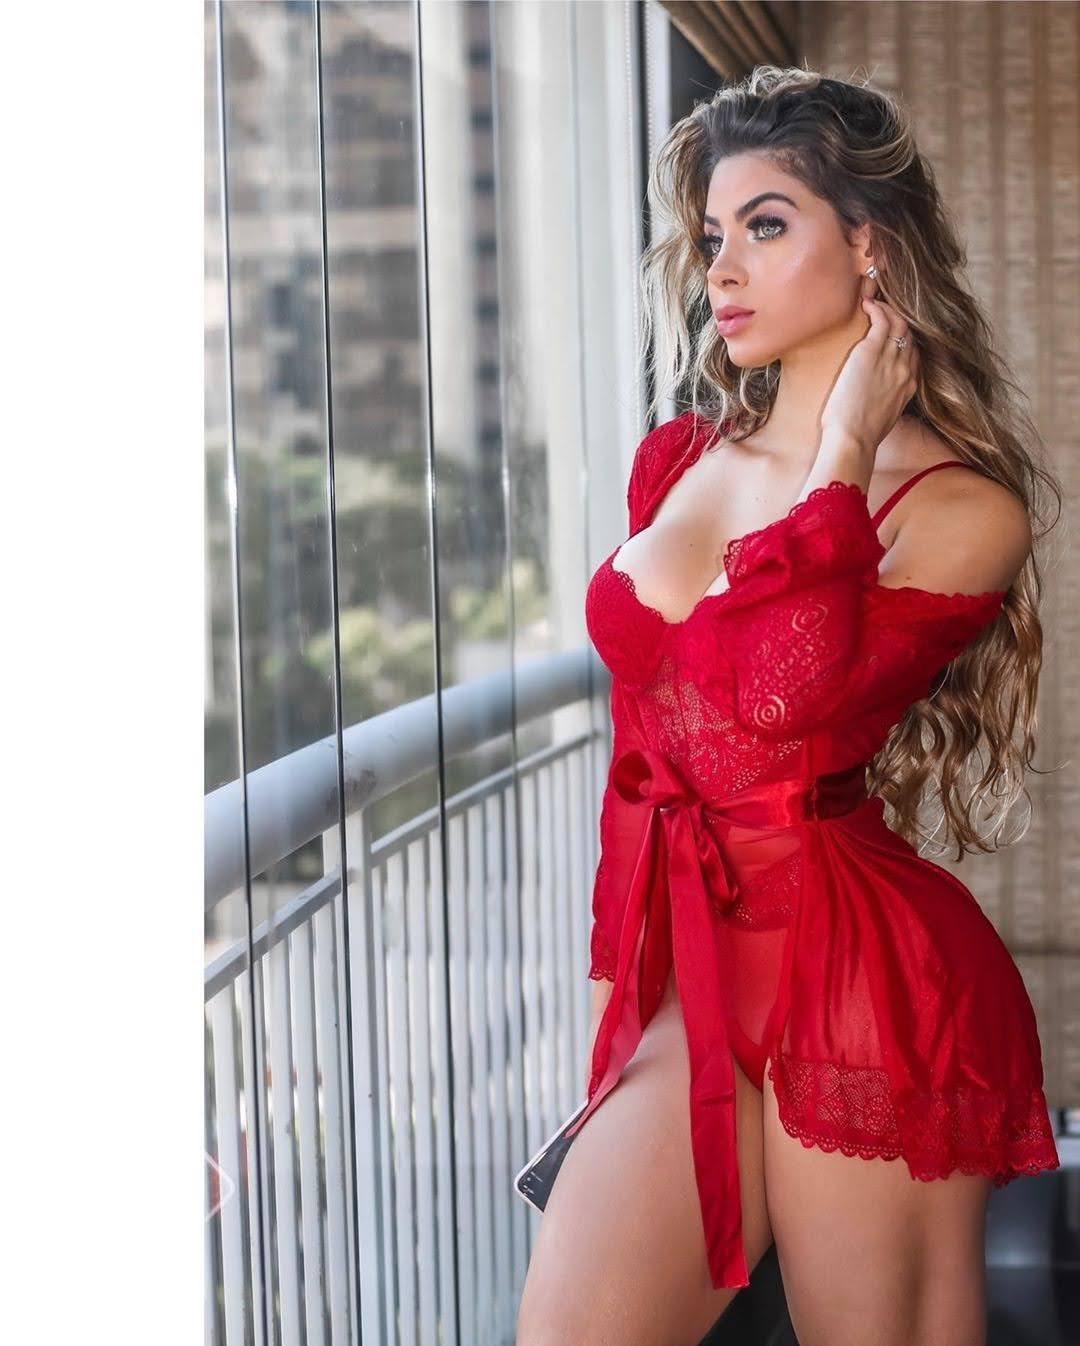 Mariana Castilho posa de lingerie para campanha de moda íntima. Foto: Acervo pessoal/Renato Cipriano - Divulgação